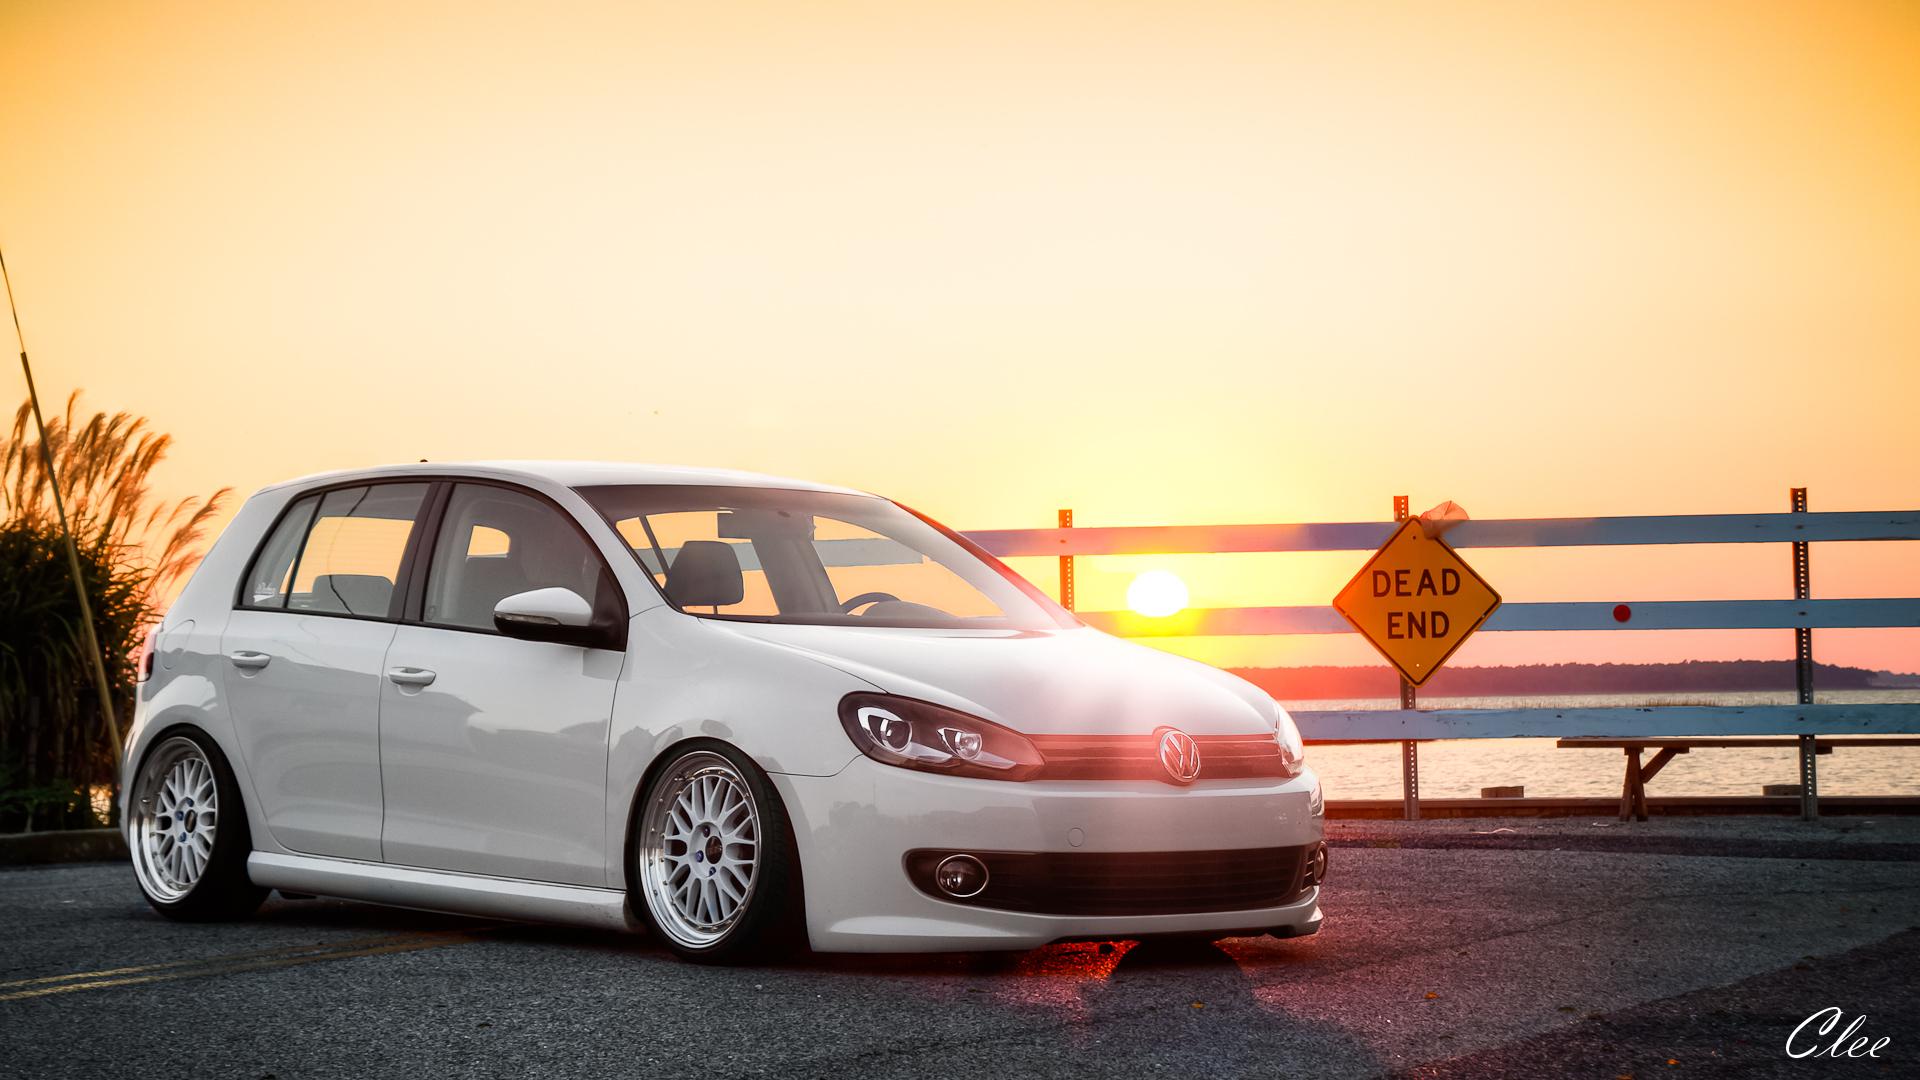 Volkswagen Golf Wallpapers Pictures Images